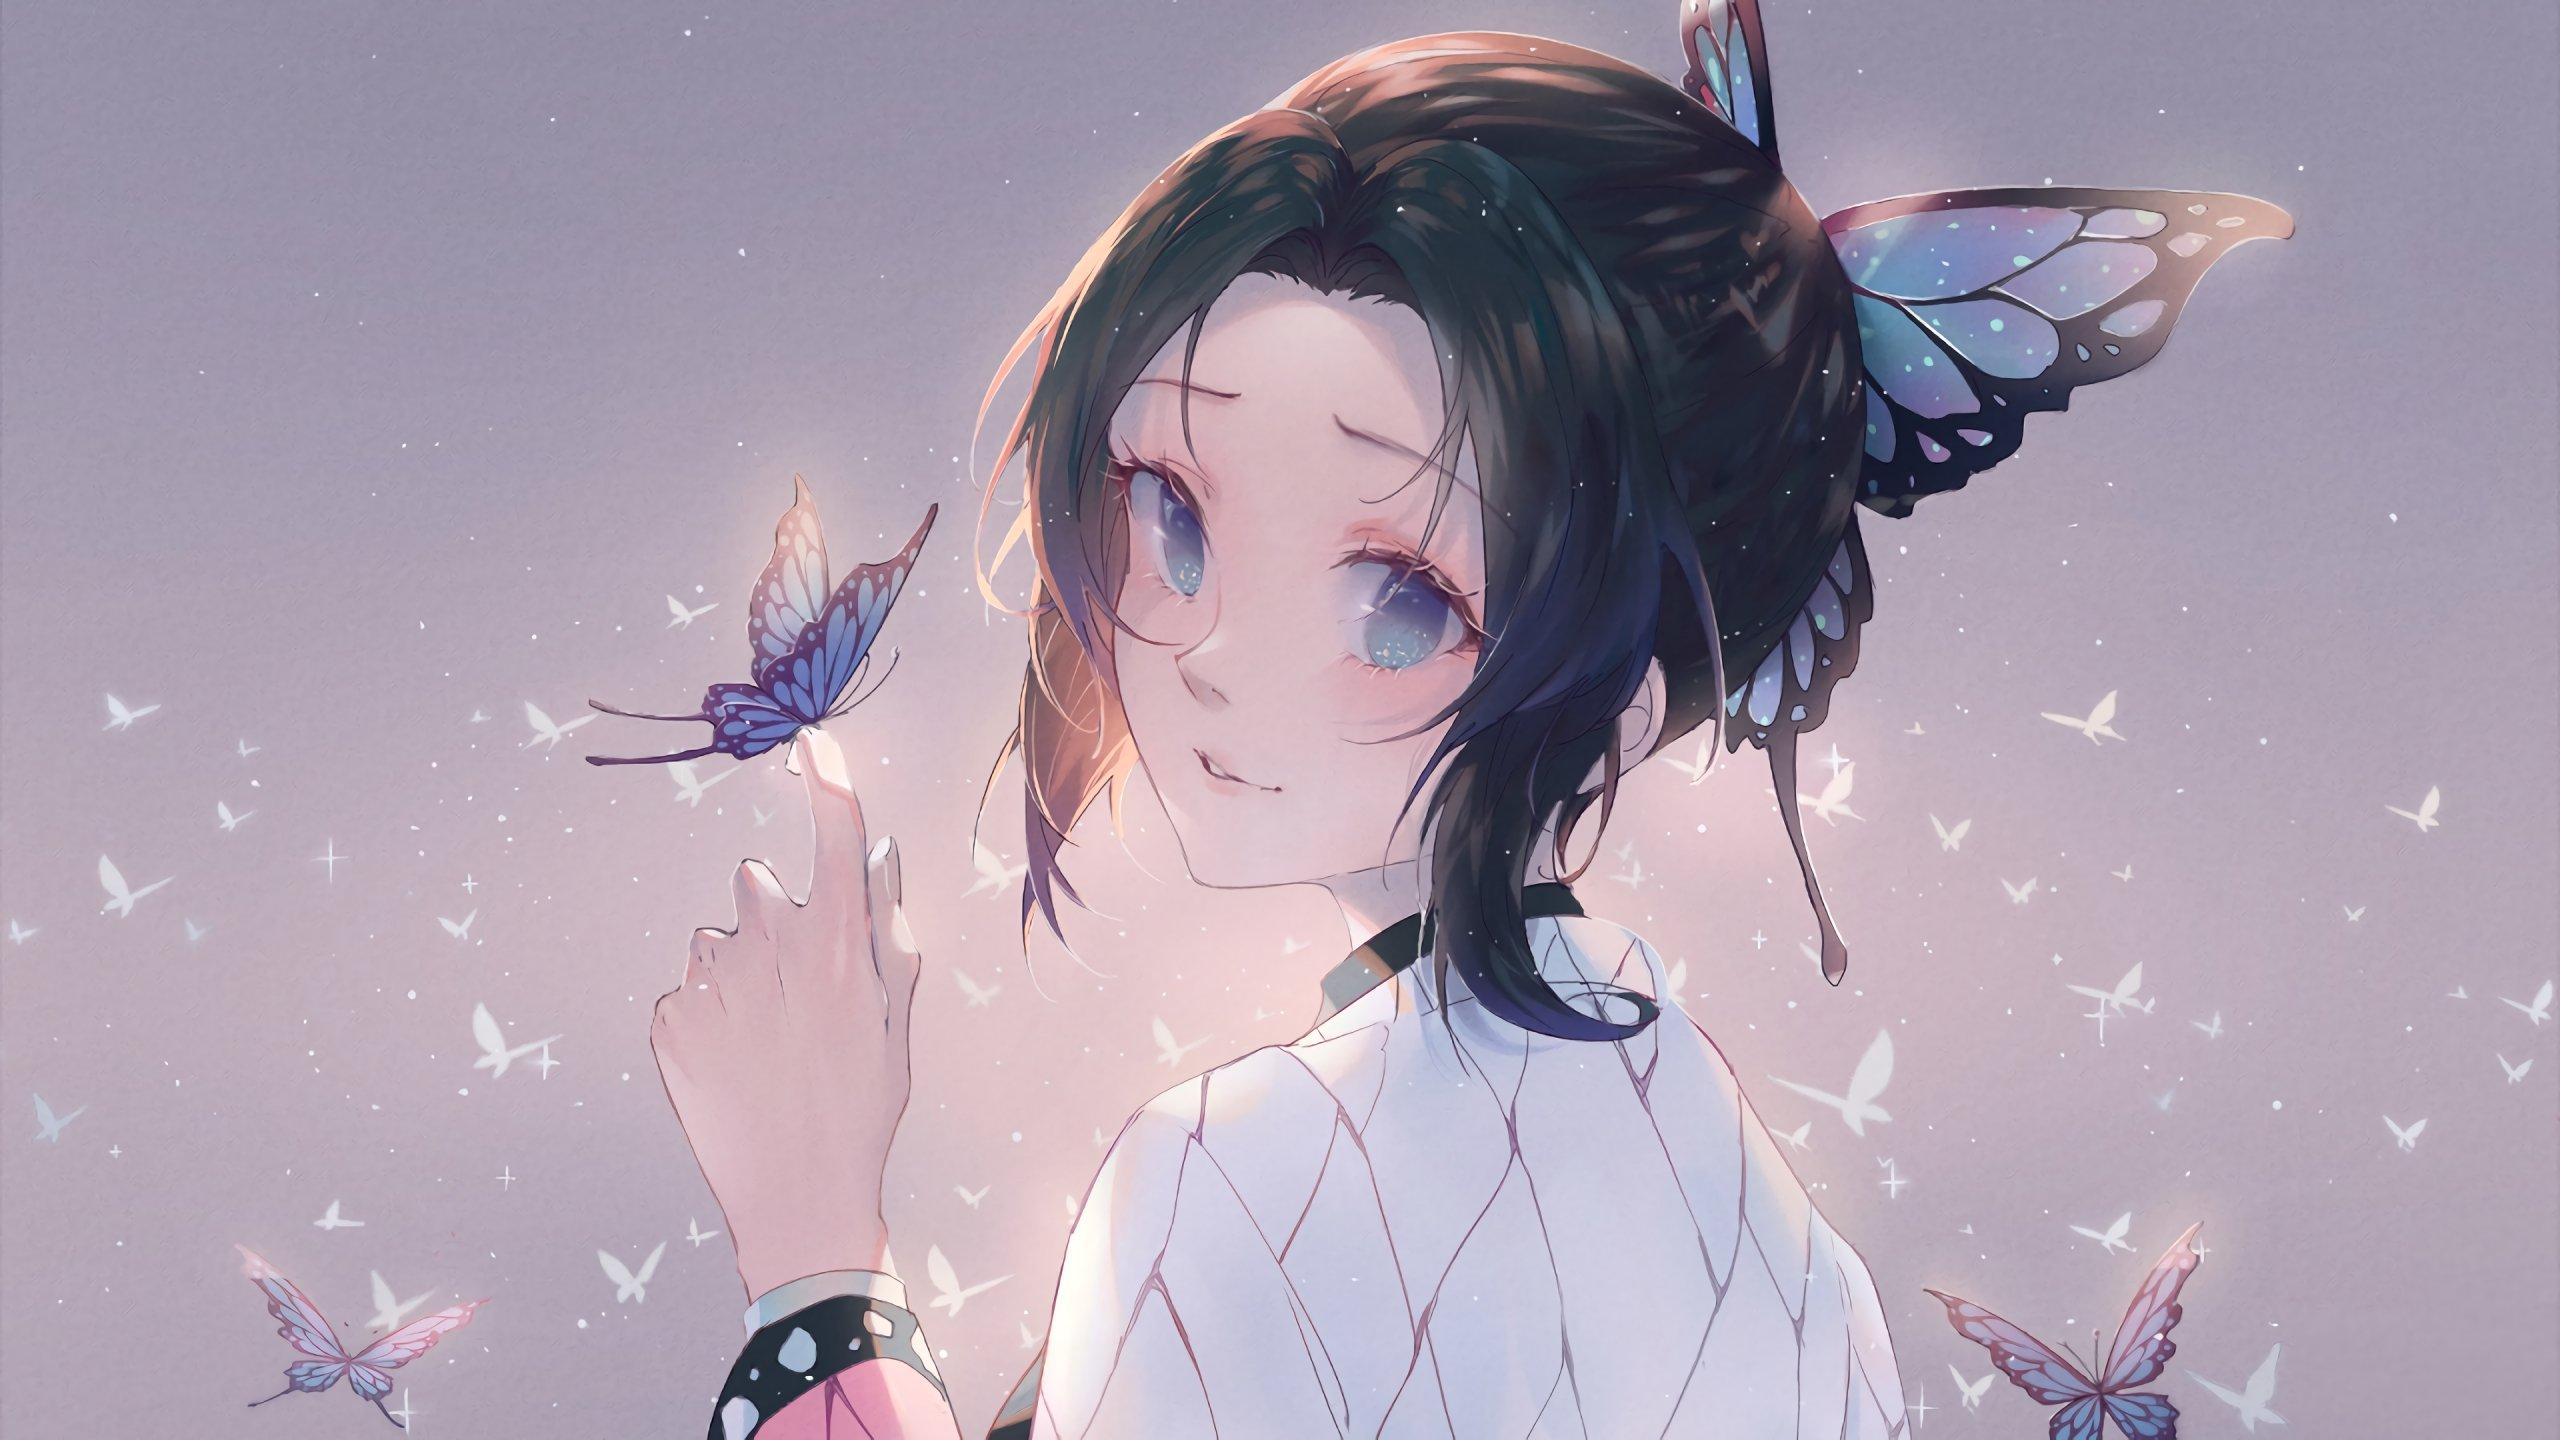 Shinobu Kocho De Kimetsu No Yaiba Anime Fondo De Pantalla 4k